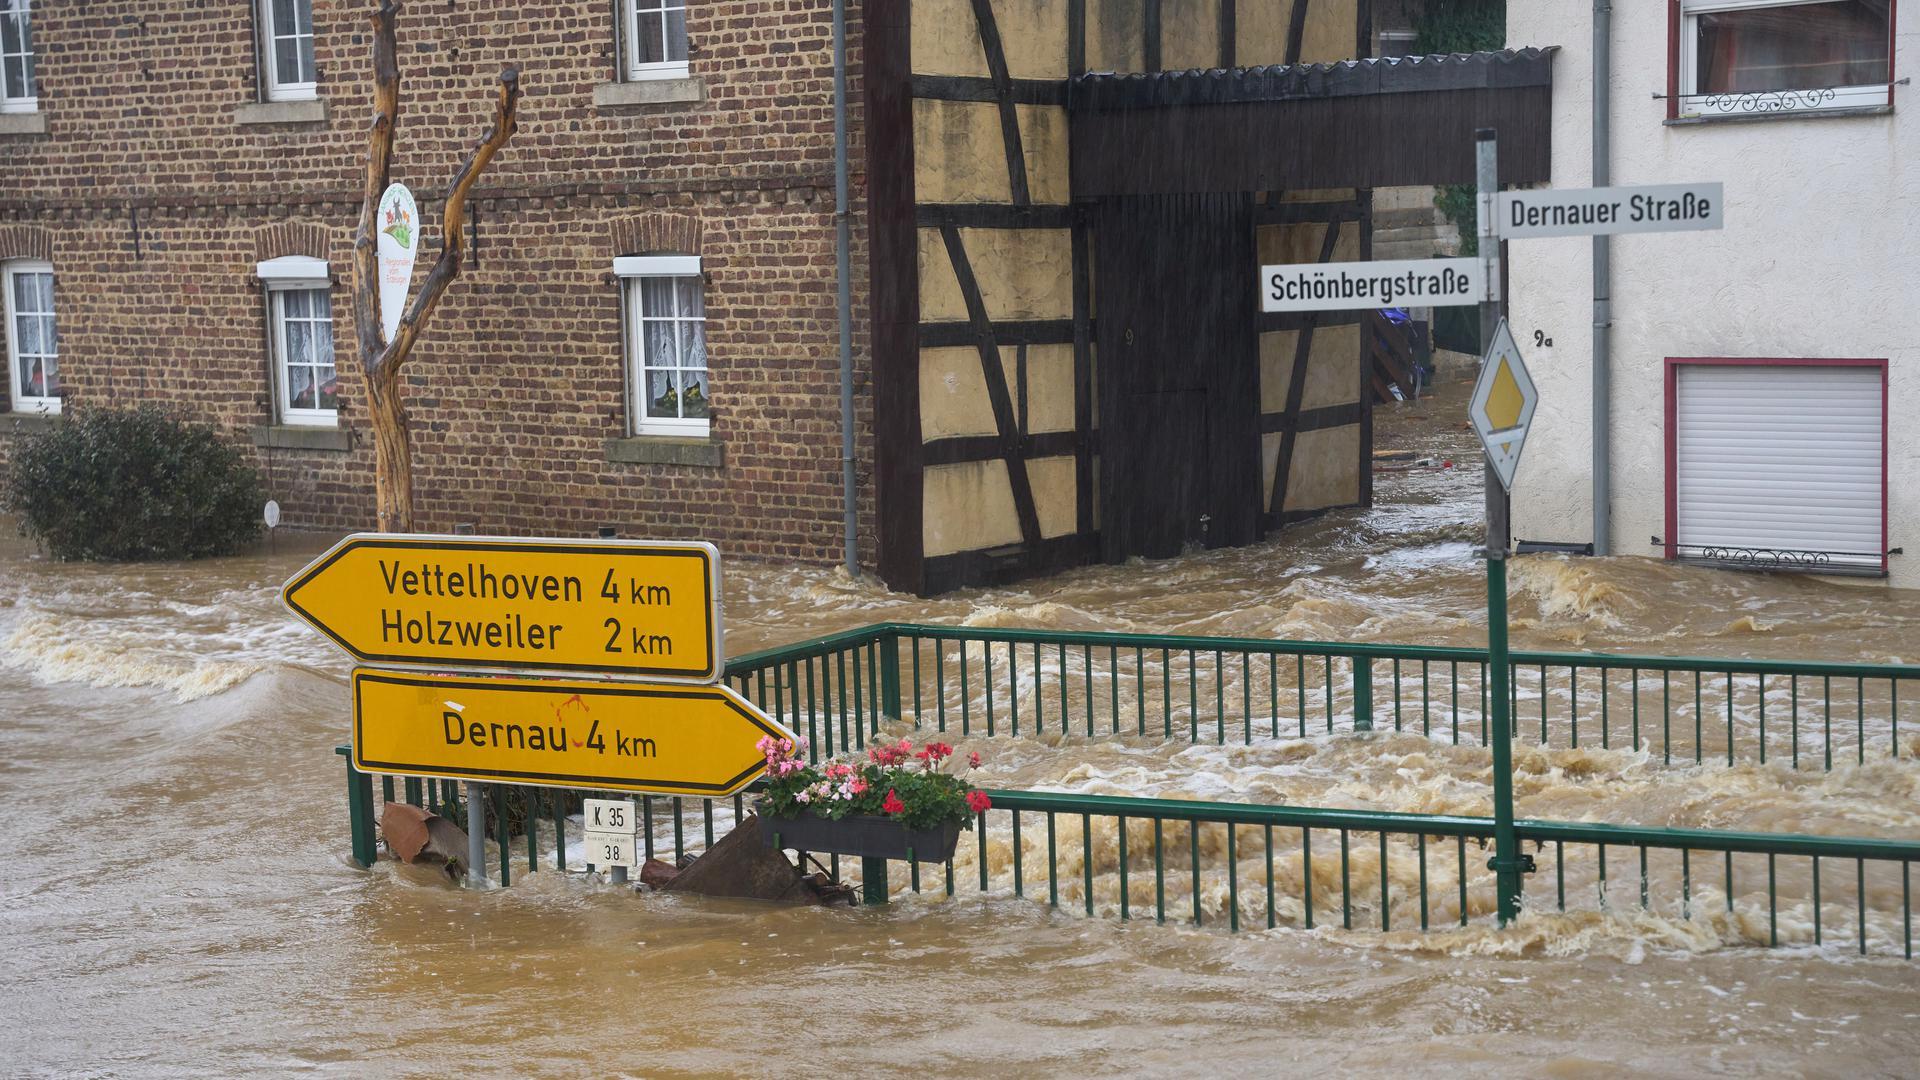 Die Straßen von Esch (Kreis Ahrweiler) haben sich in reißende Ströme verwandelt. Andauernde Regenfälle haben in Rheinland-Pfalz zahlreiche Ortschaften und Keller geflutet.